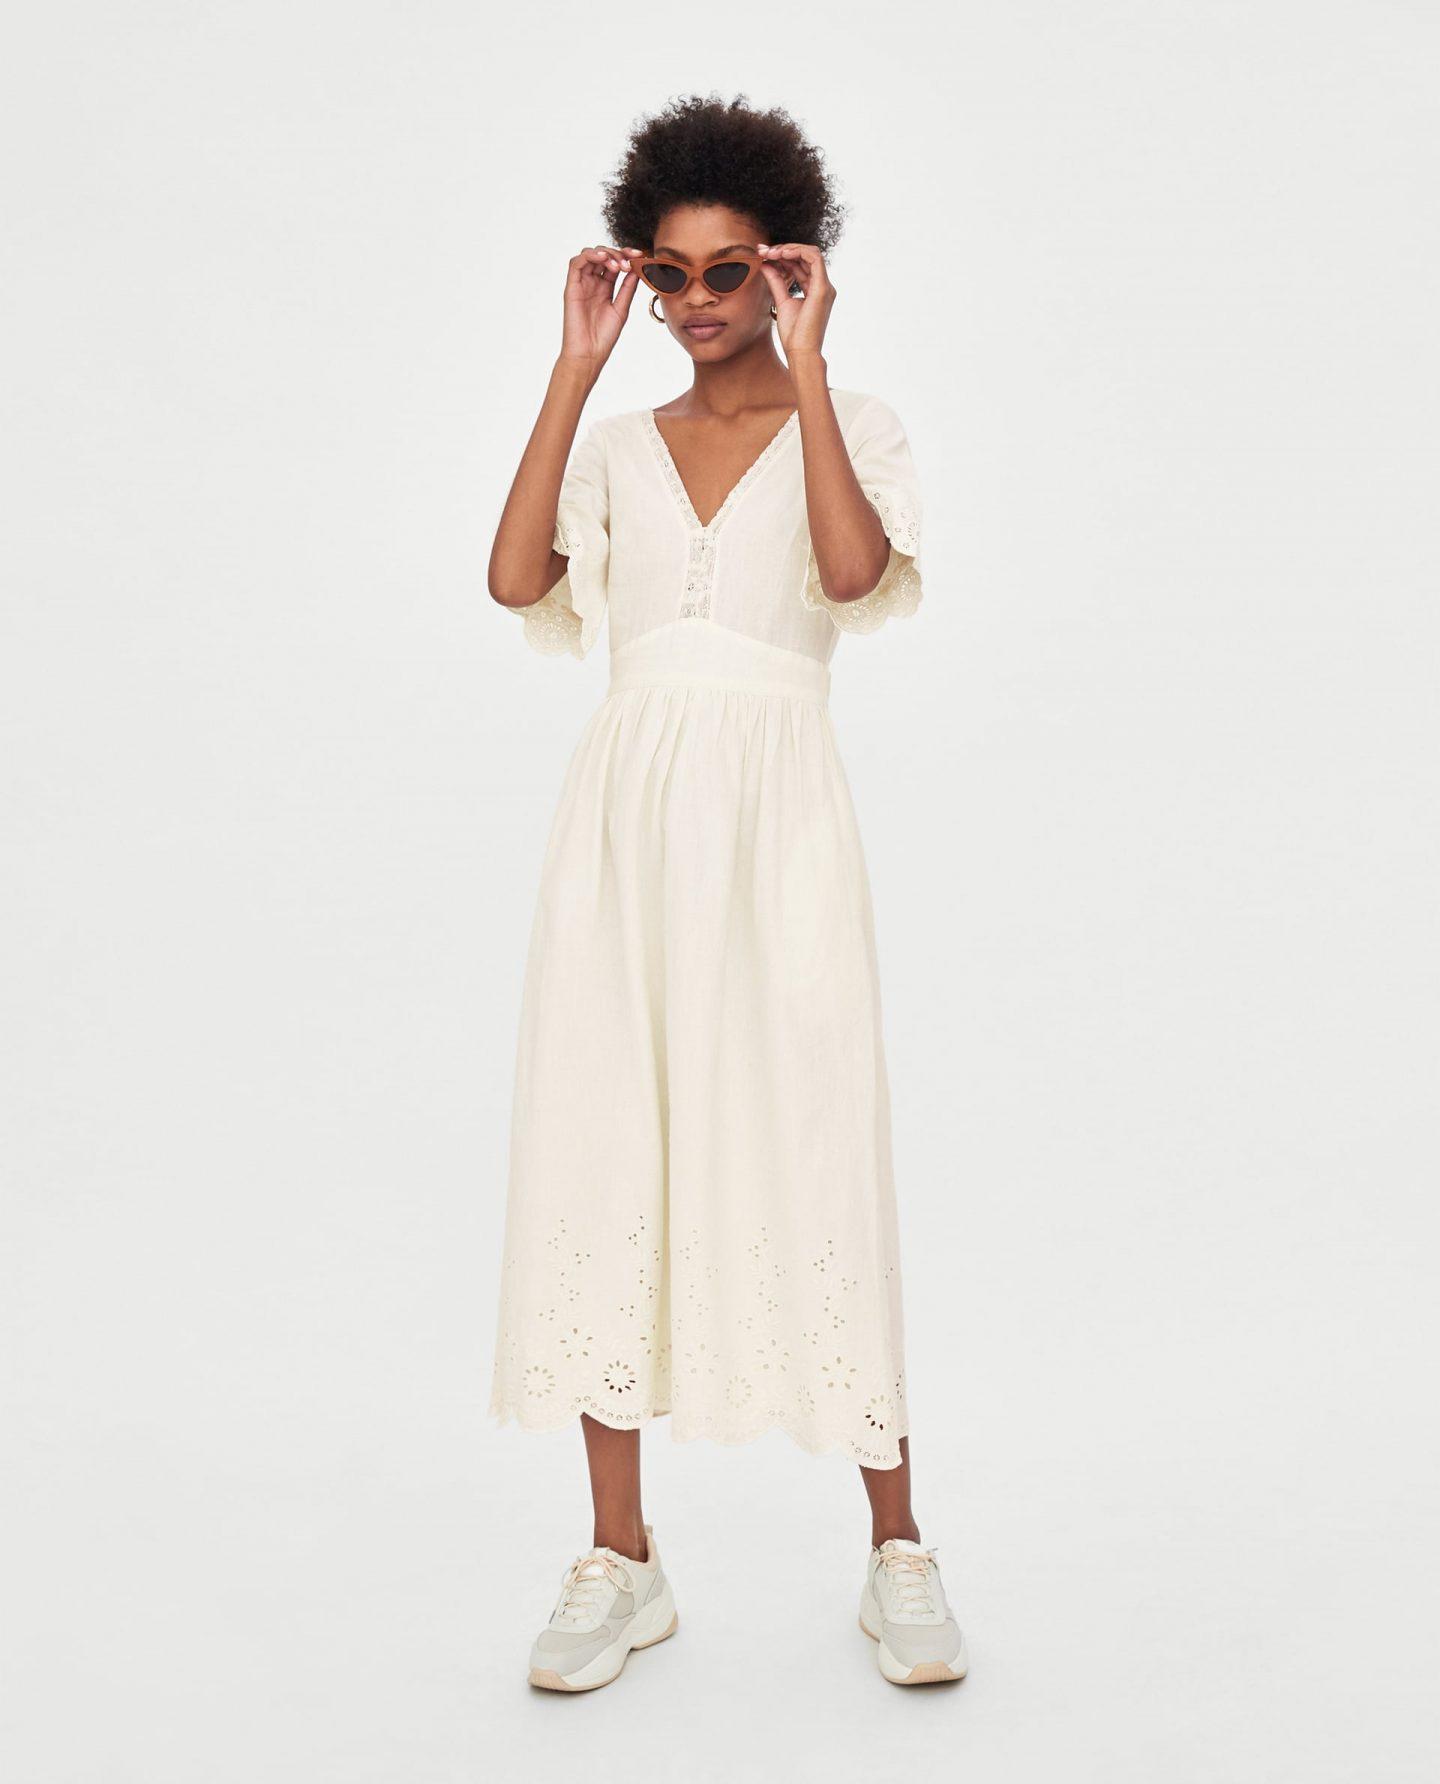 https://www.zara.com/ie/en/embroidered-midi-dress-p00881159.html?v1=6451099&v2=1080530